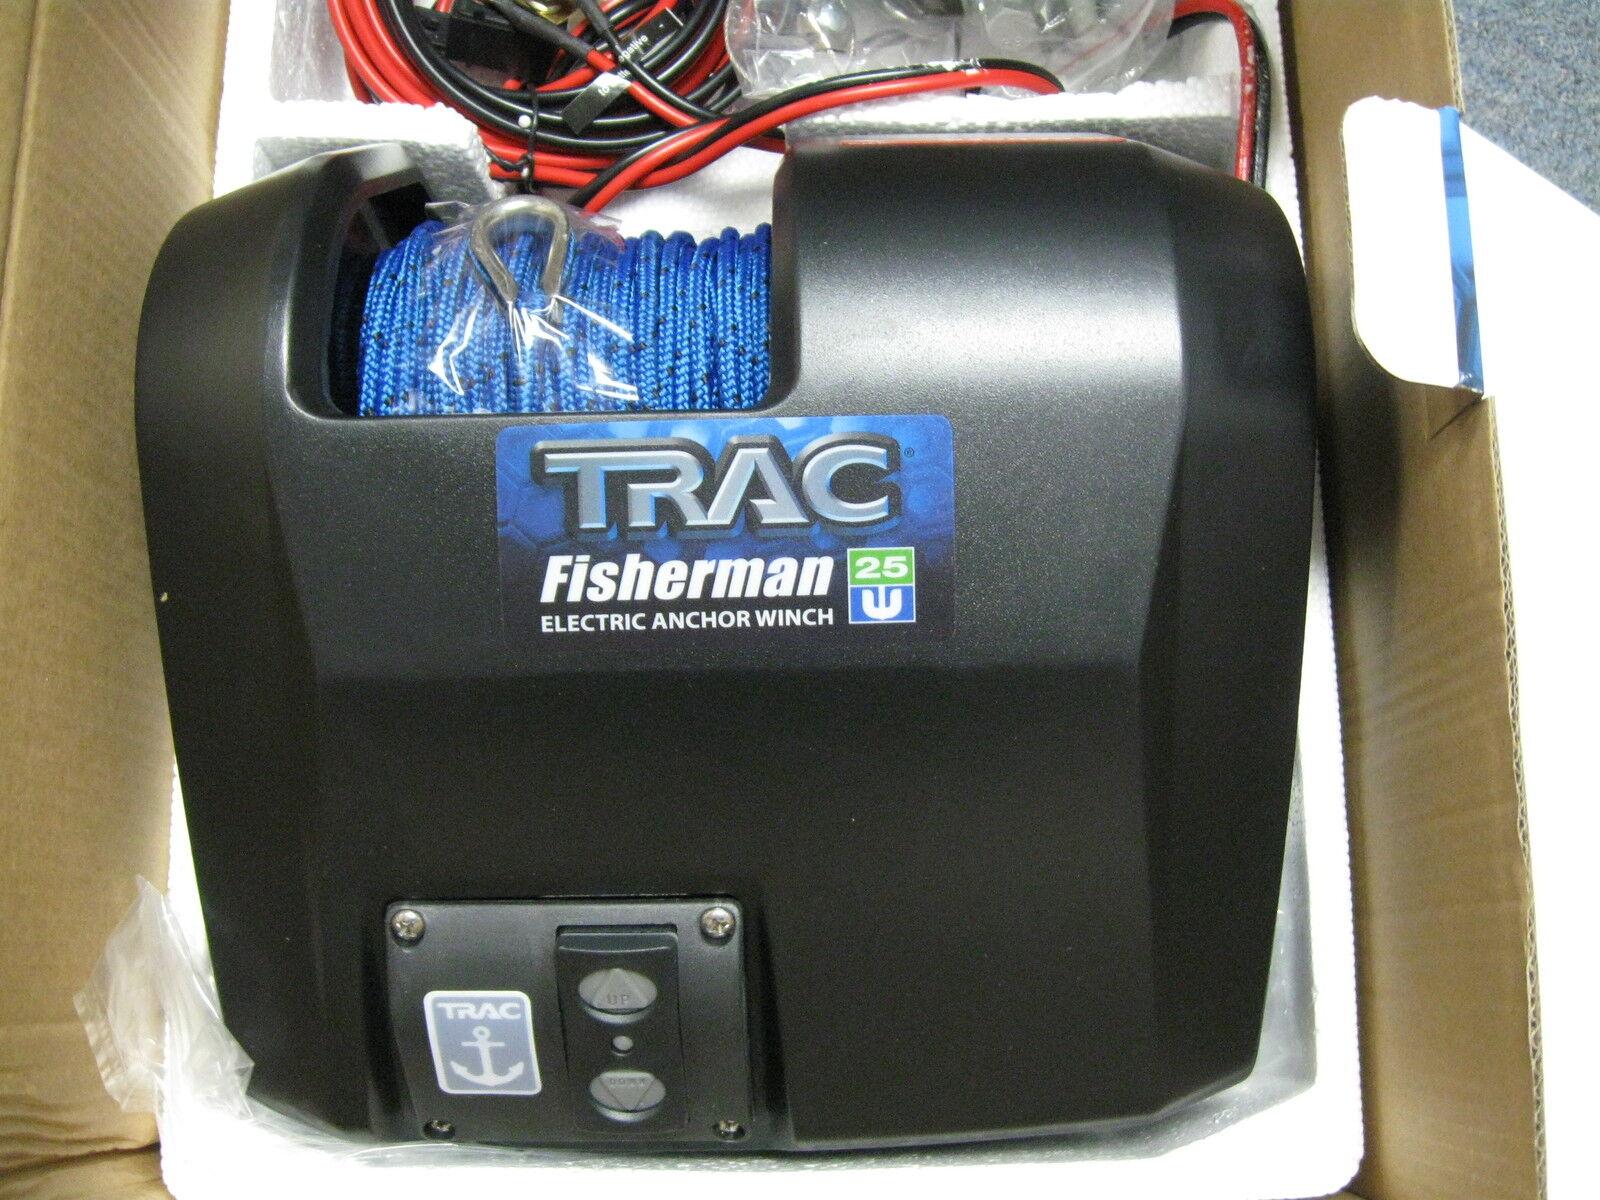 Marine Stiefel Trac Süßwasser 25 Fischer Elektrisch 25 Süßwasser Anker Winde , T10108-25 76eda9